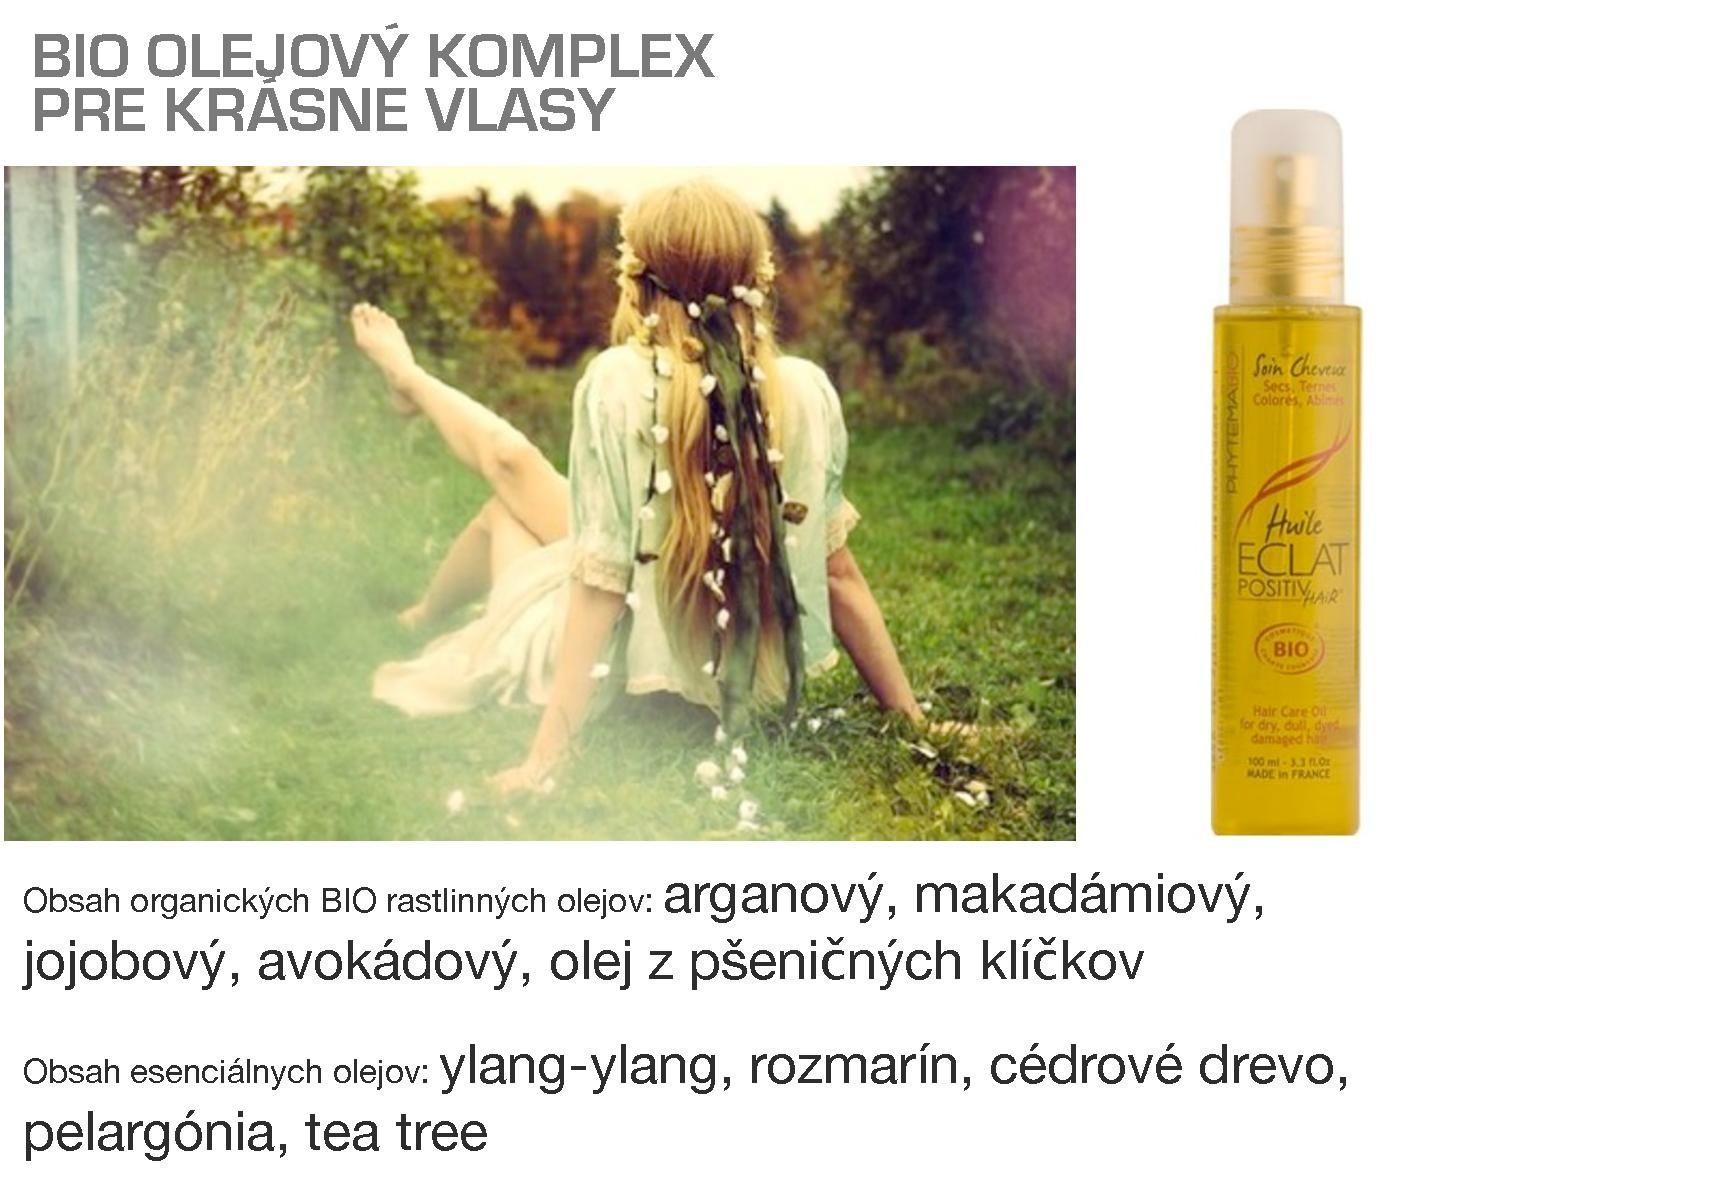 Bio olejový komplex pre krásne vlasy